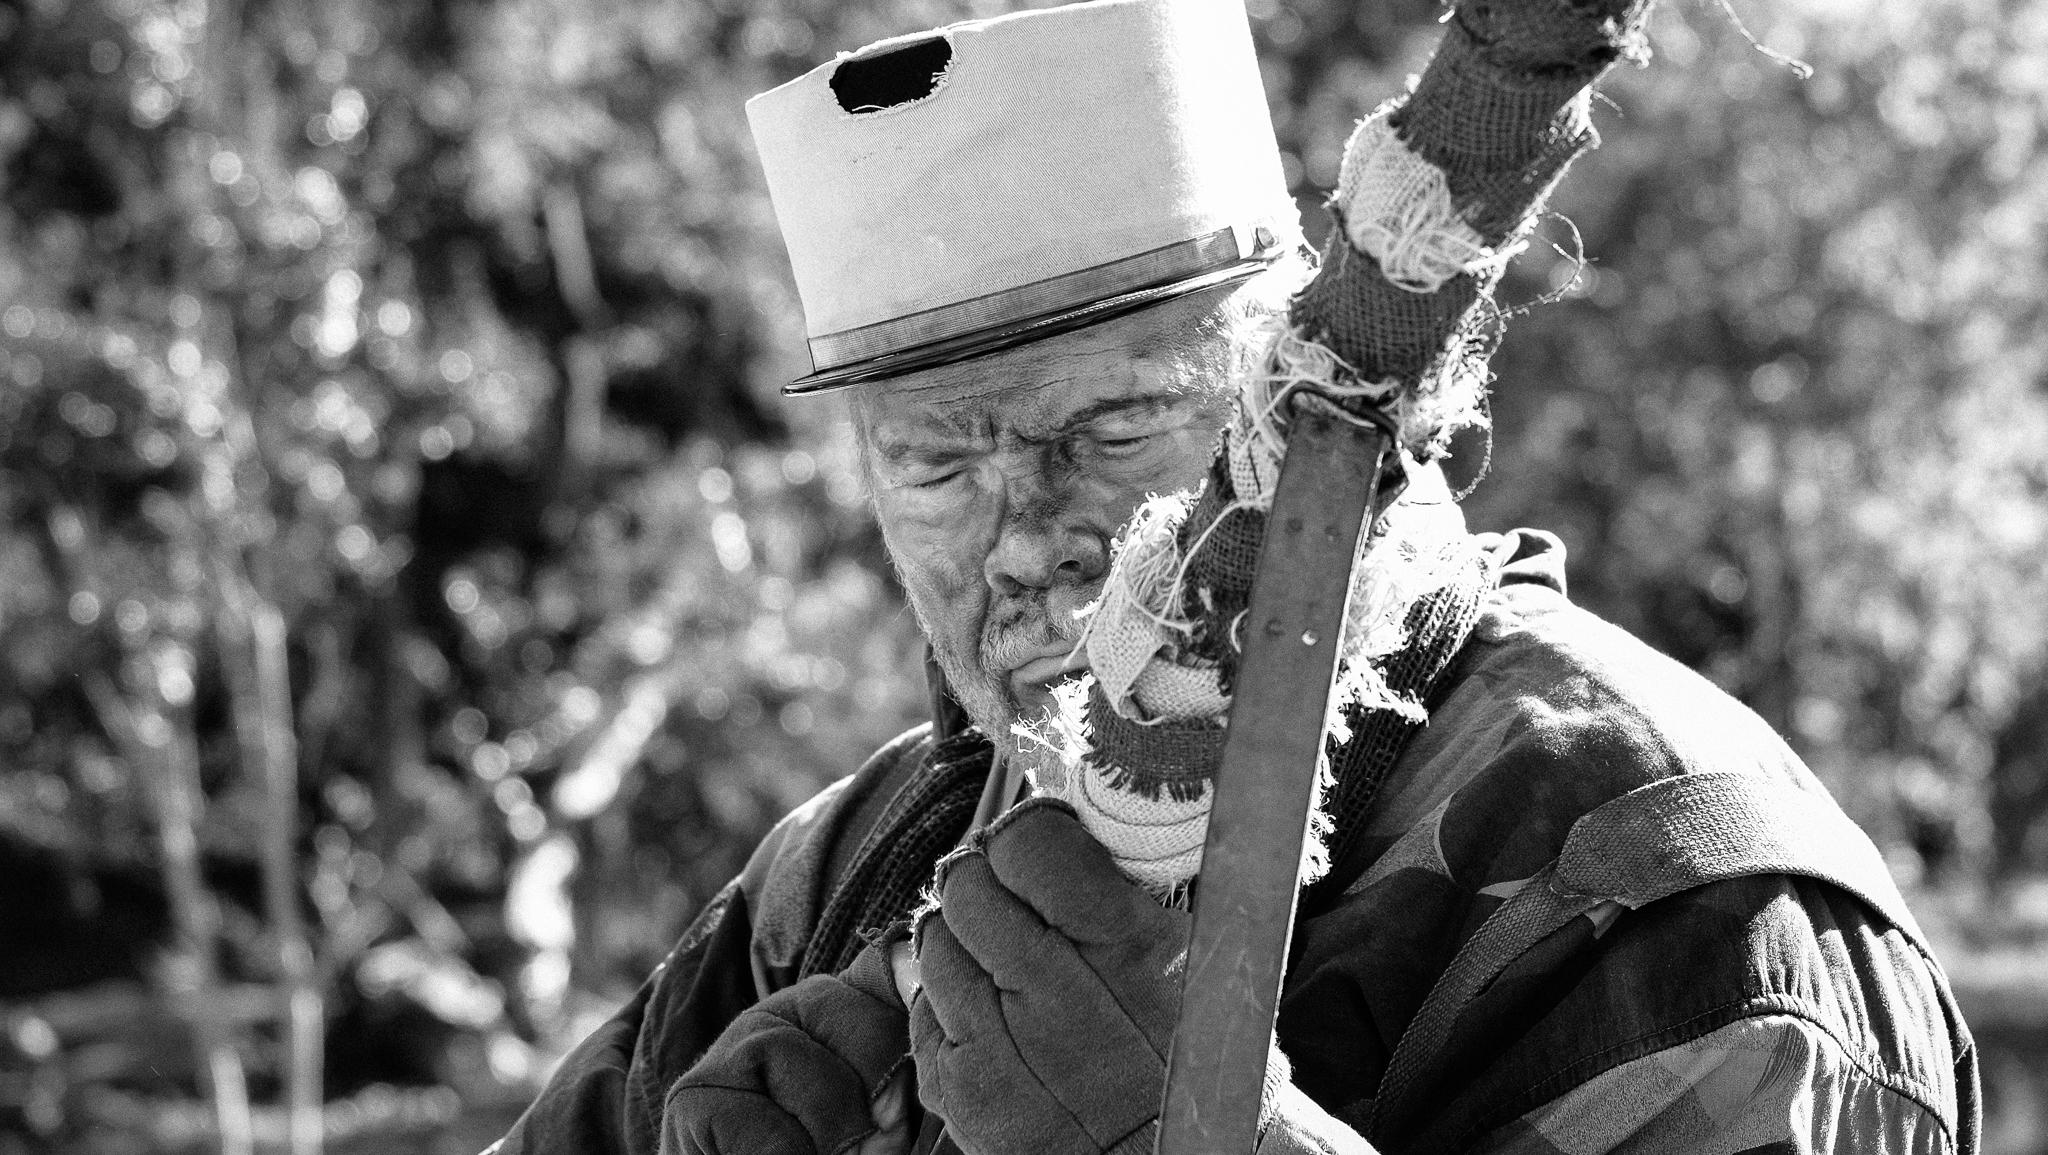 Waxahachie-WWII-Weekend-2014-0175.jpg